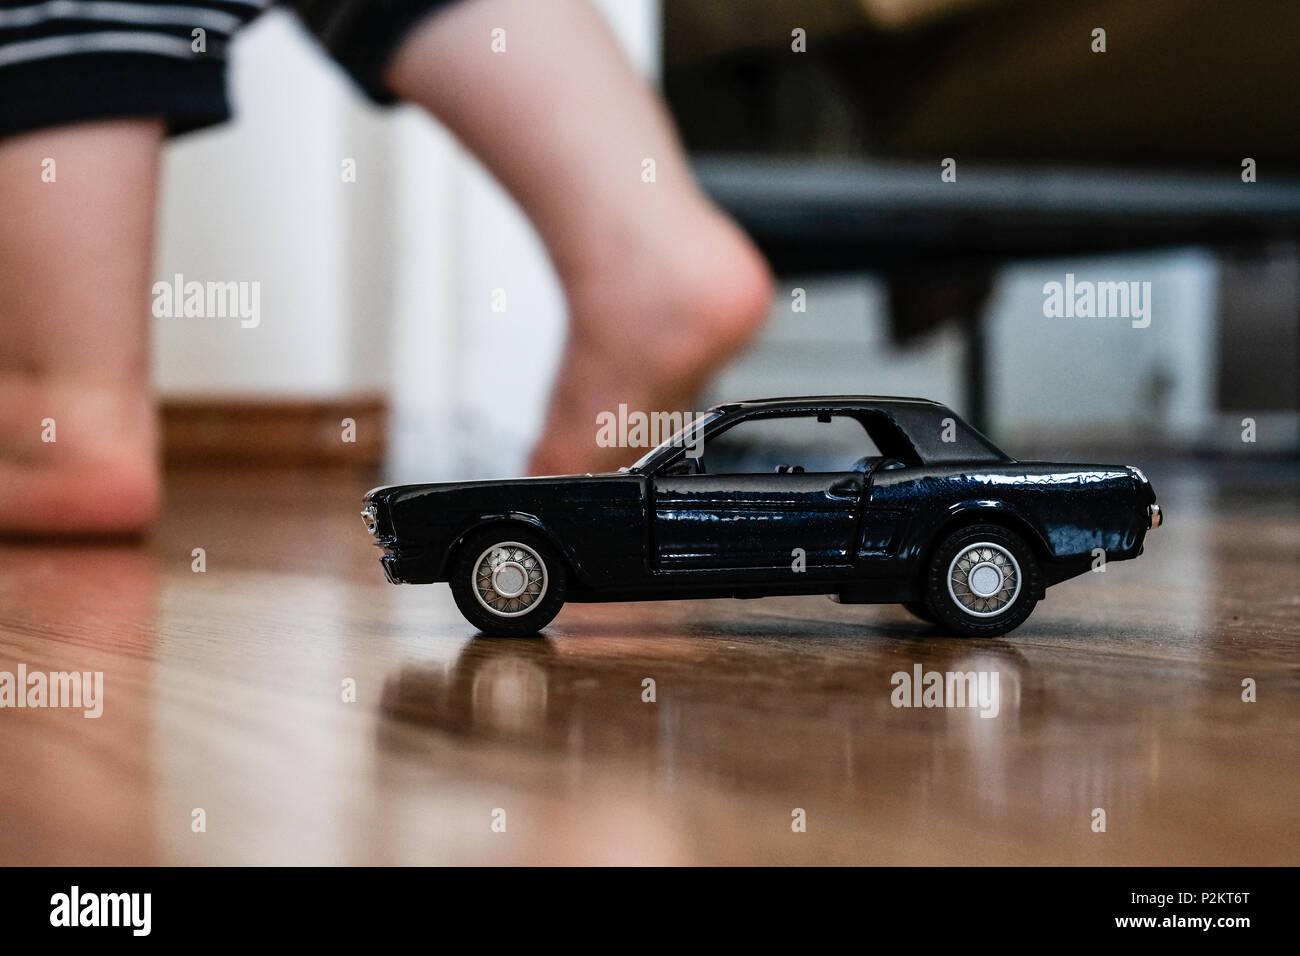 Kind Spielzeug Auf Dem Teppich Im Wohnzimmer Gelassen Schwarze Auto